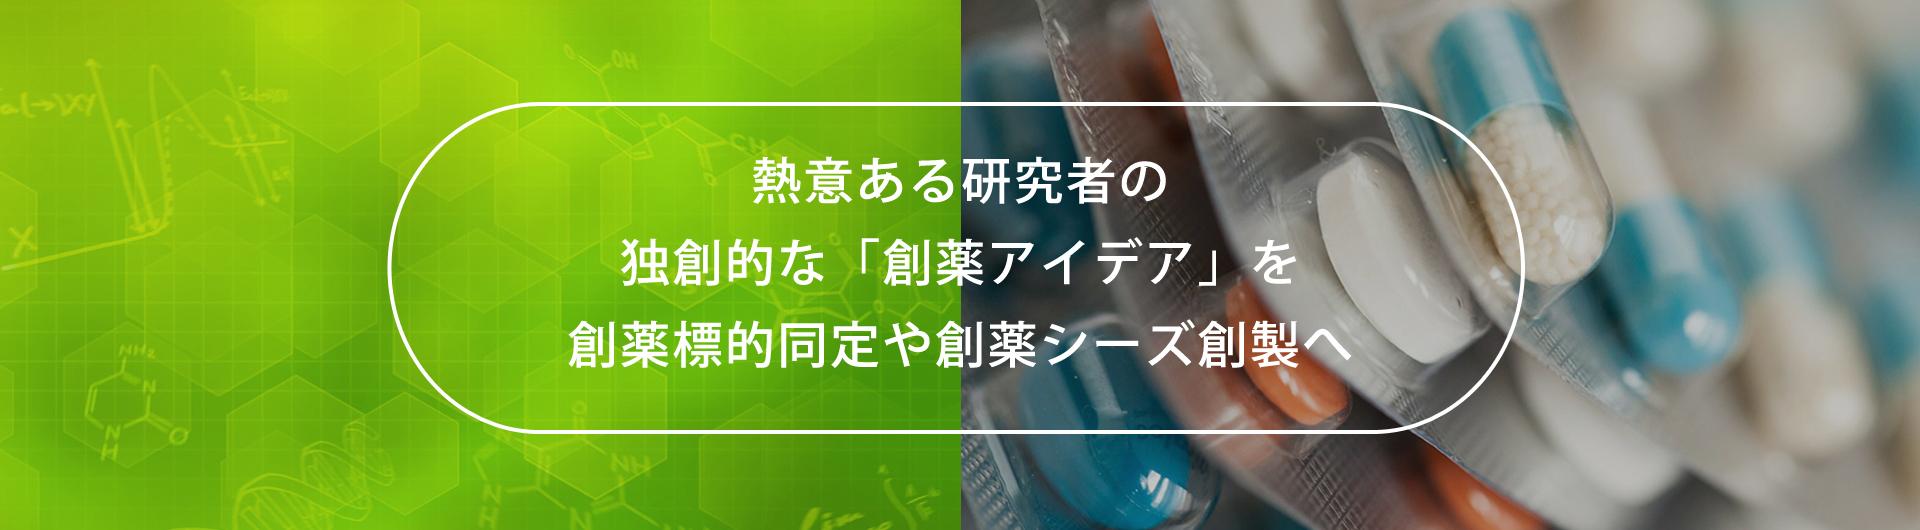 熱意ある研究者の独創的な「創薬アイデア」を創薬標的同定や創薬シーズ創製へ